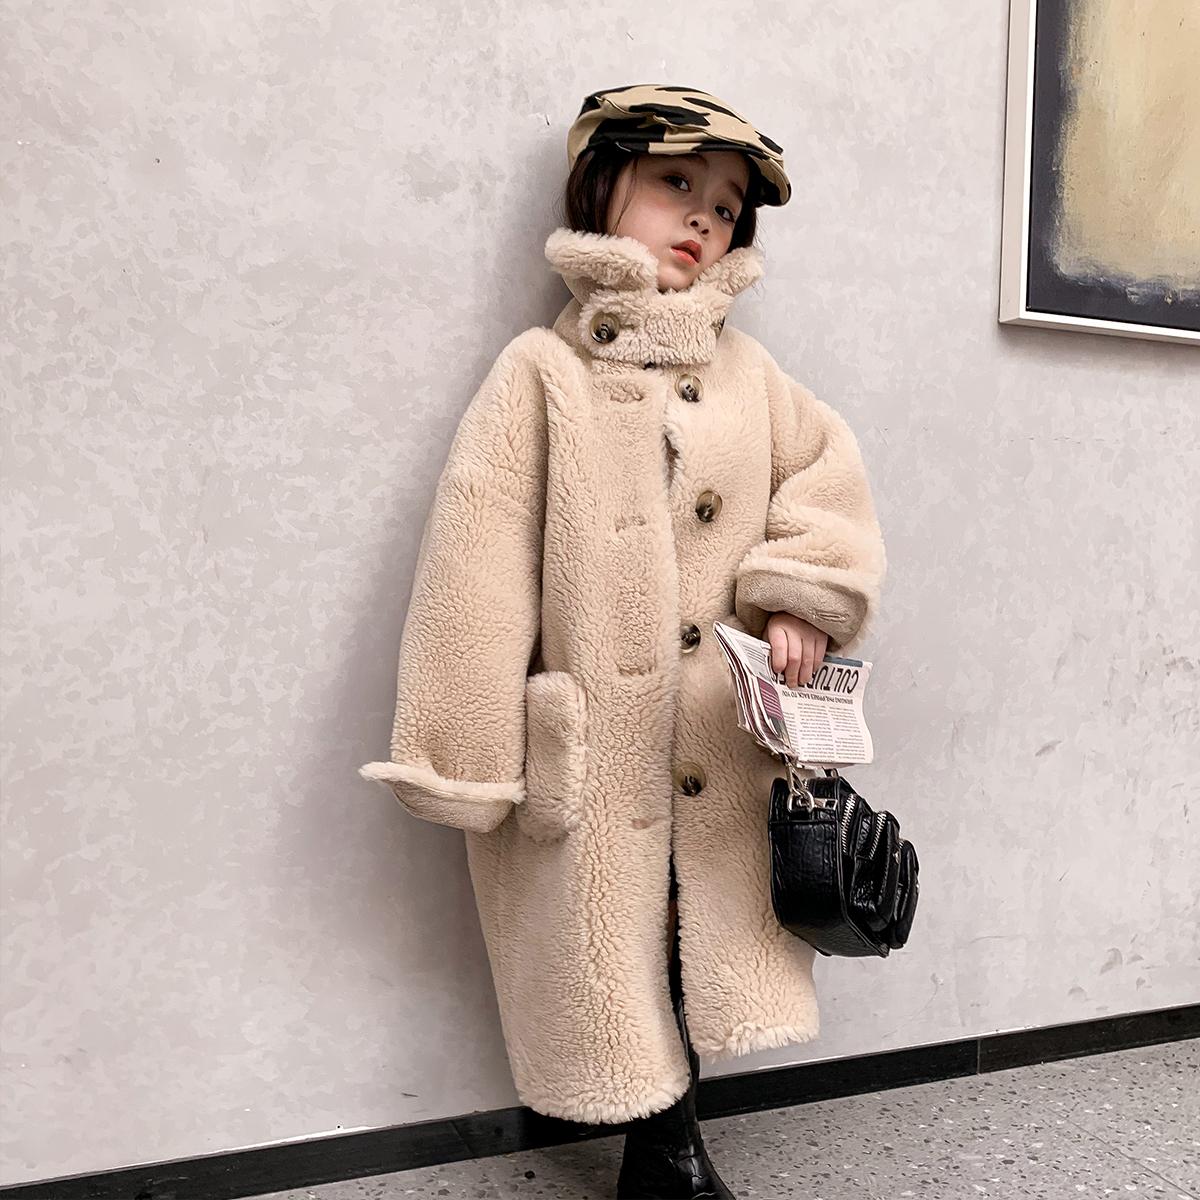 新款羊毛一体宝宝冬装女童长款中大儿童羊羔毛童装海宁皮草外套